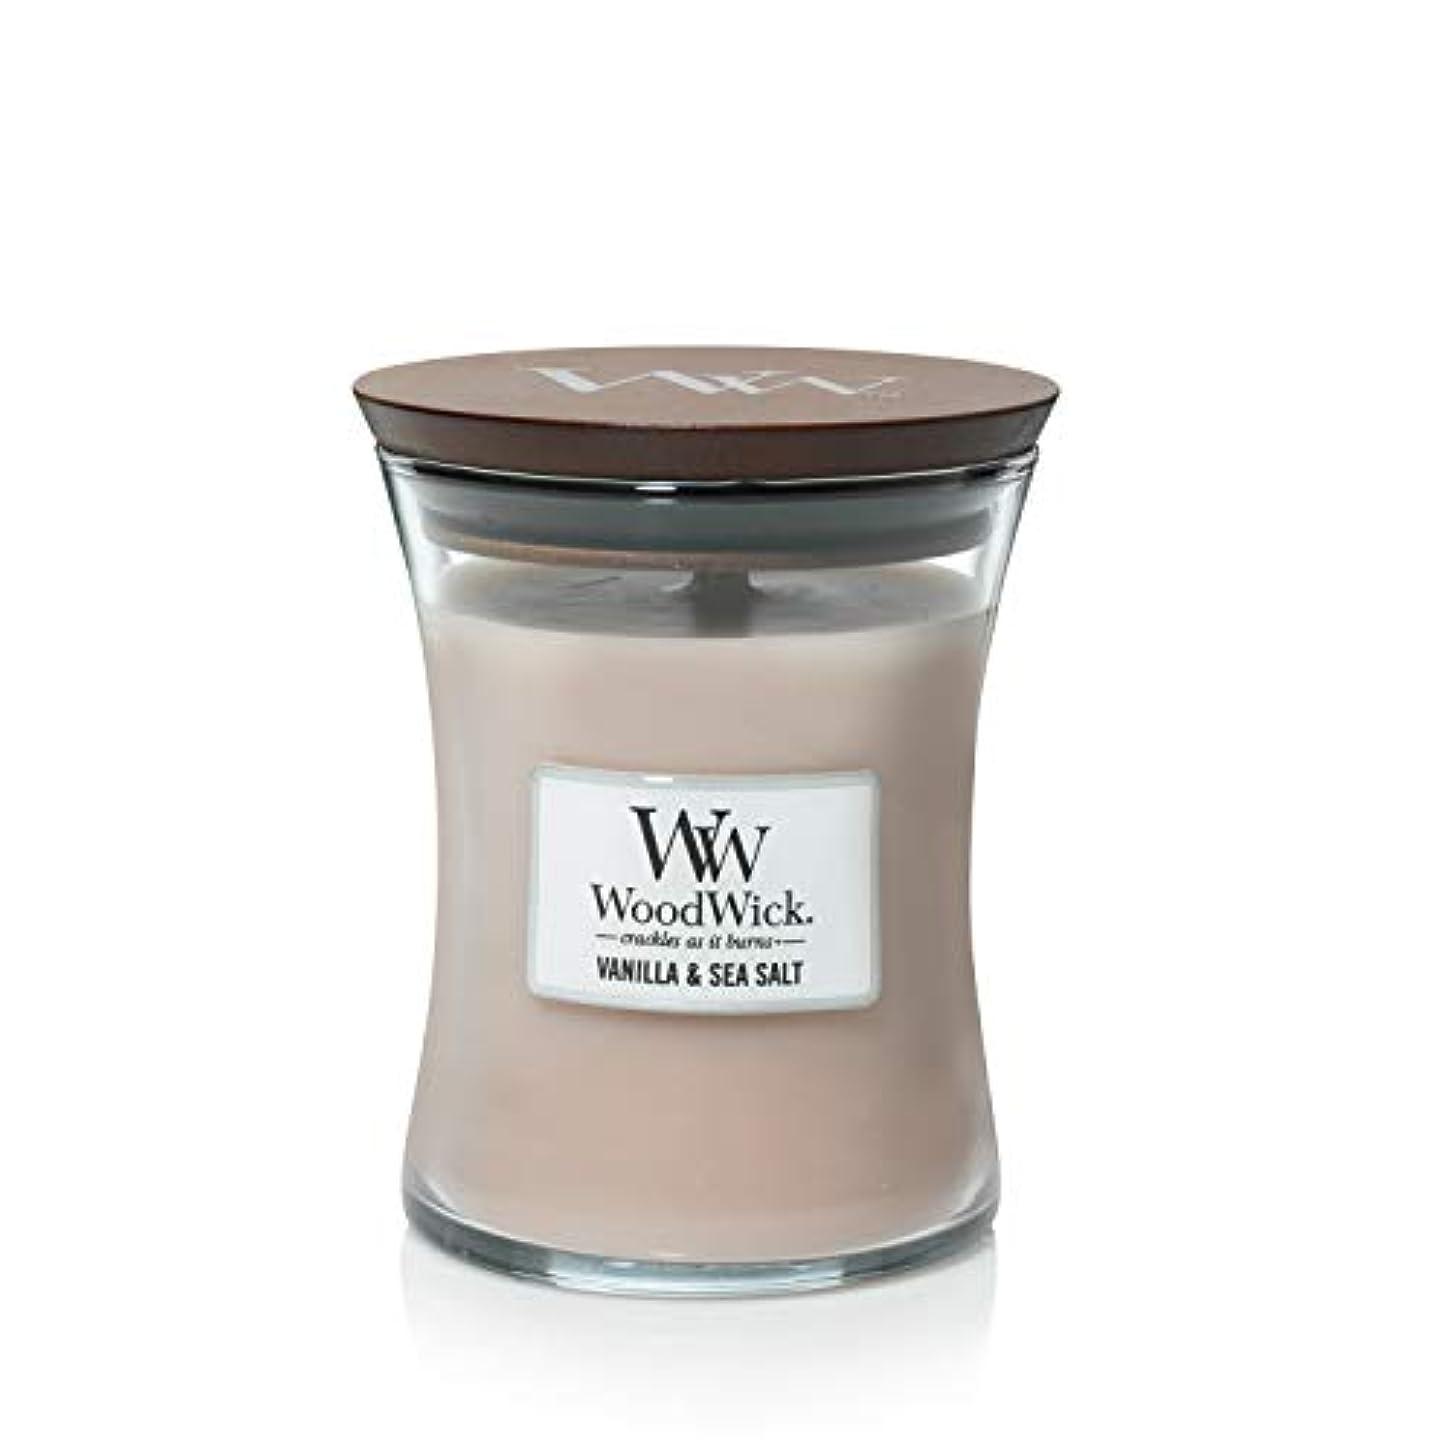 四回アラスカ会議バニラSea Salt WoodWick 10 oz Medium砂時計Jar Candle Burns 100時間